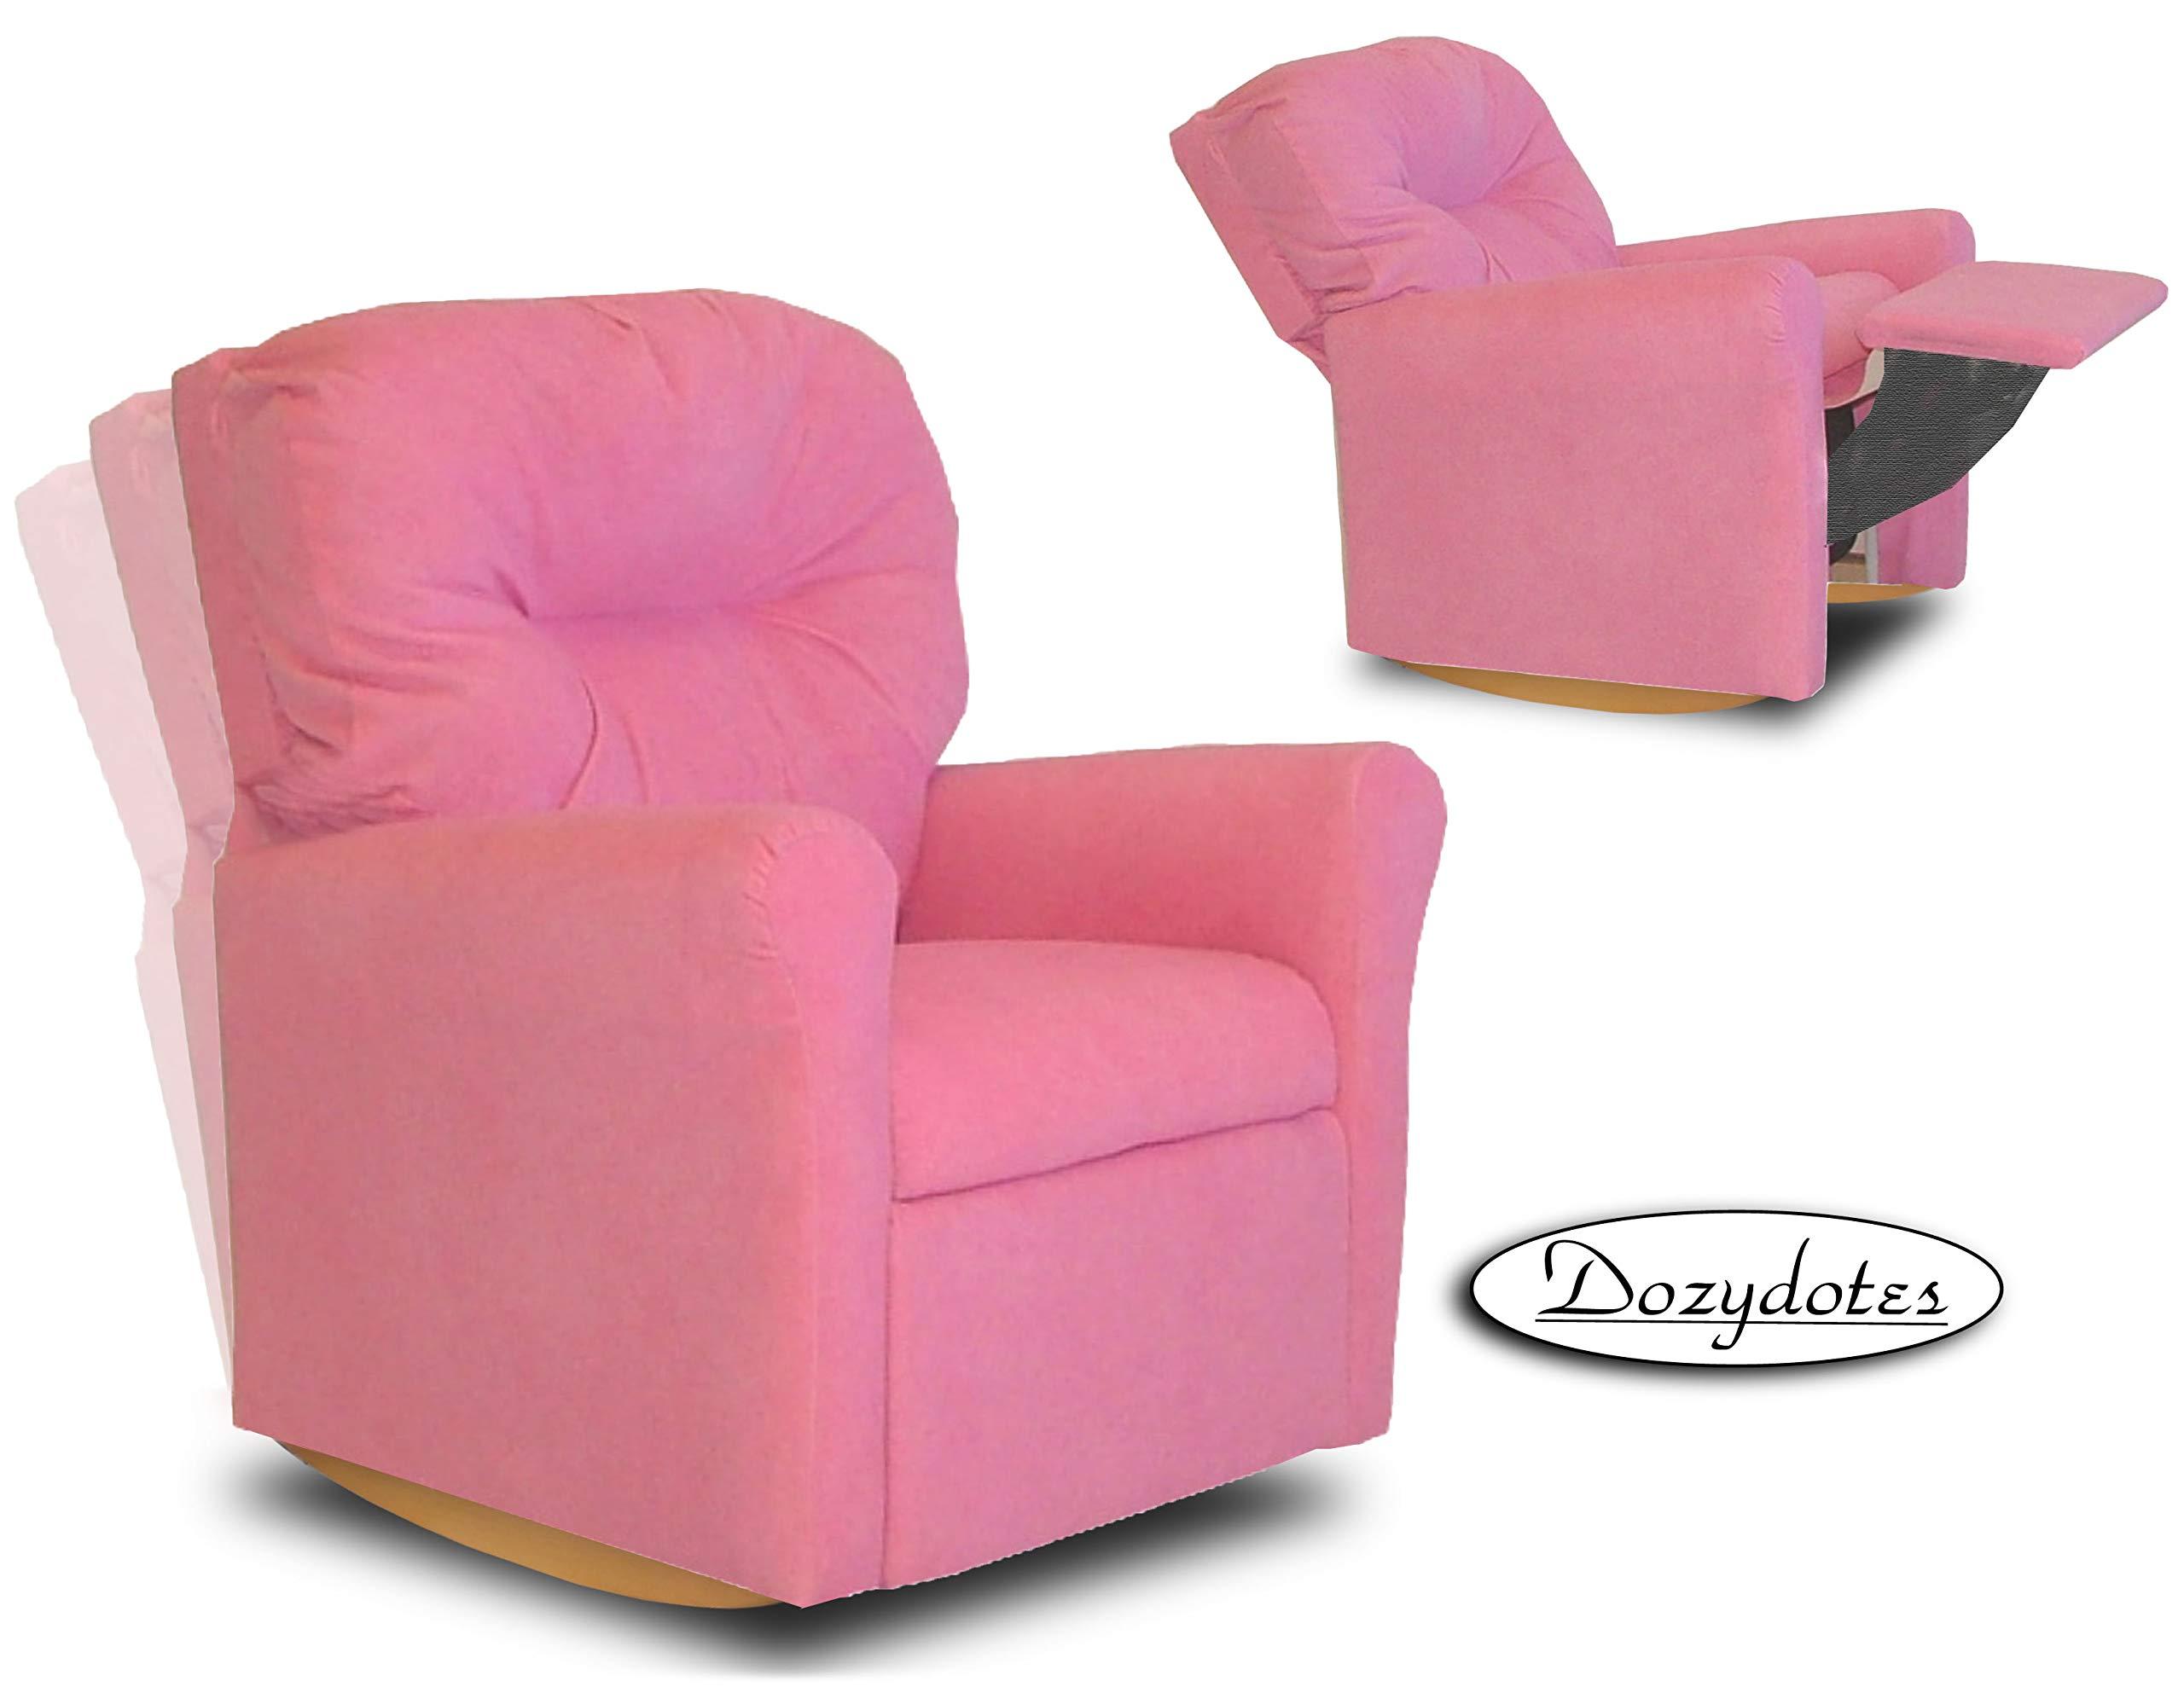 Dozydotes Contemporary Hot Pink Rocker Recliner by Dozydotes